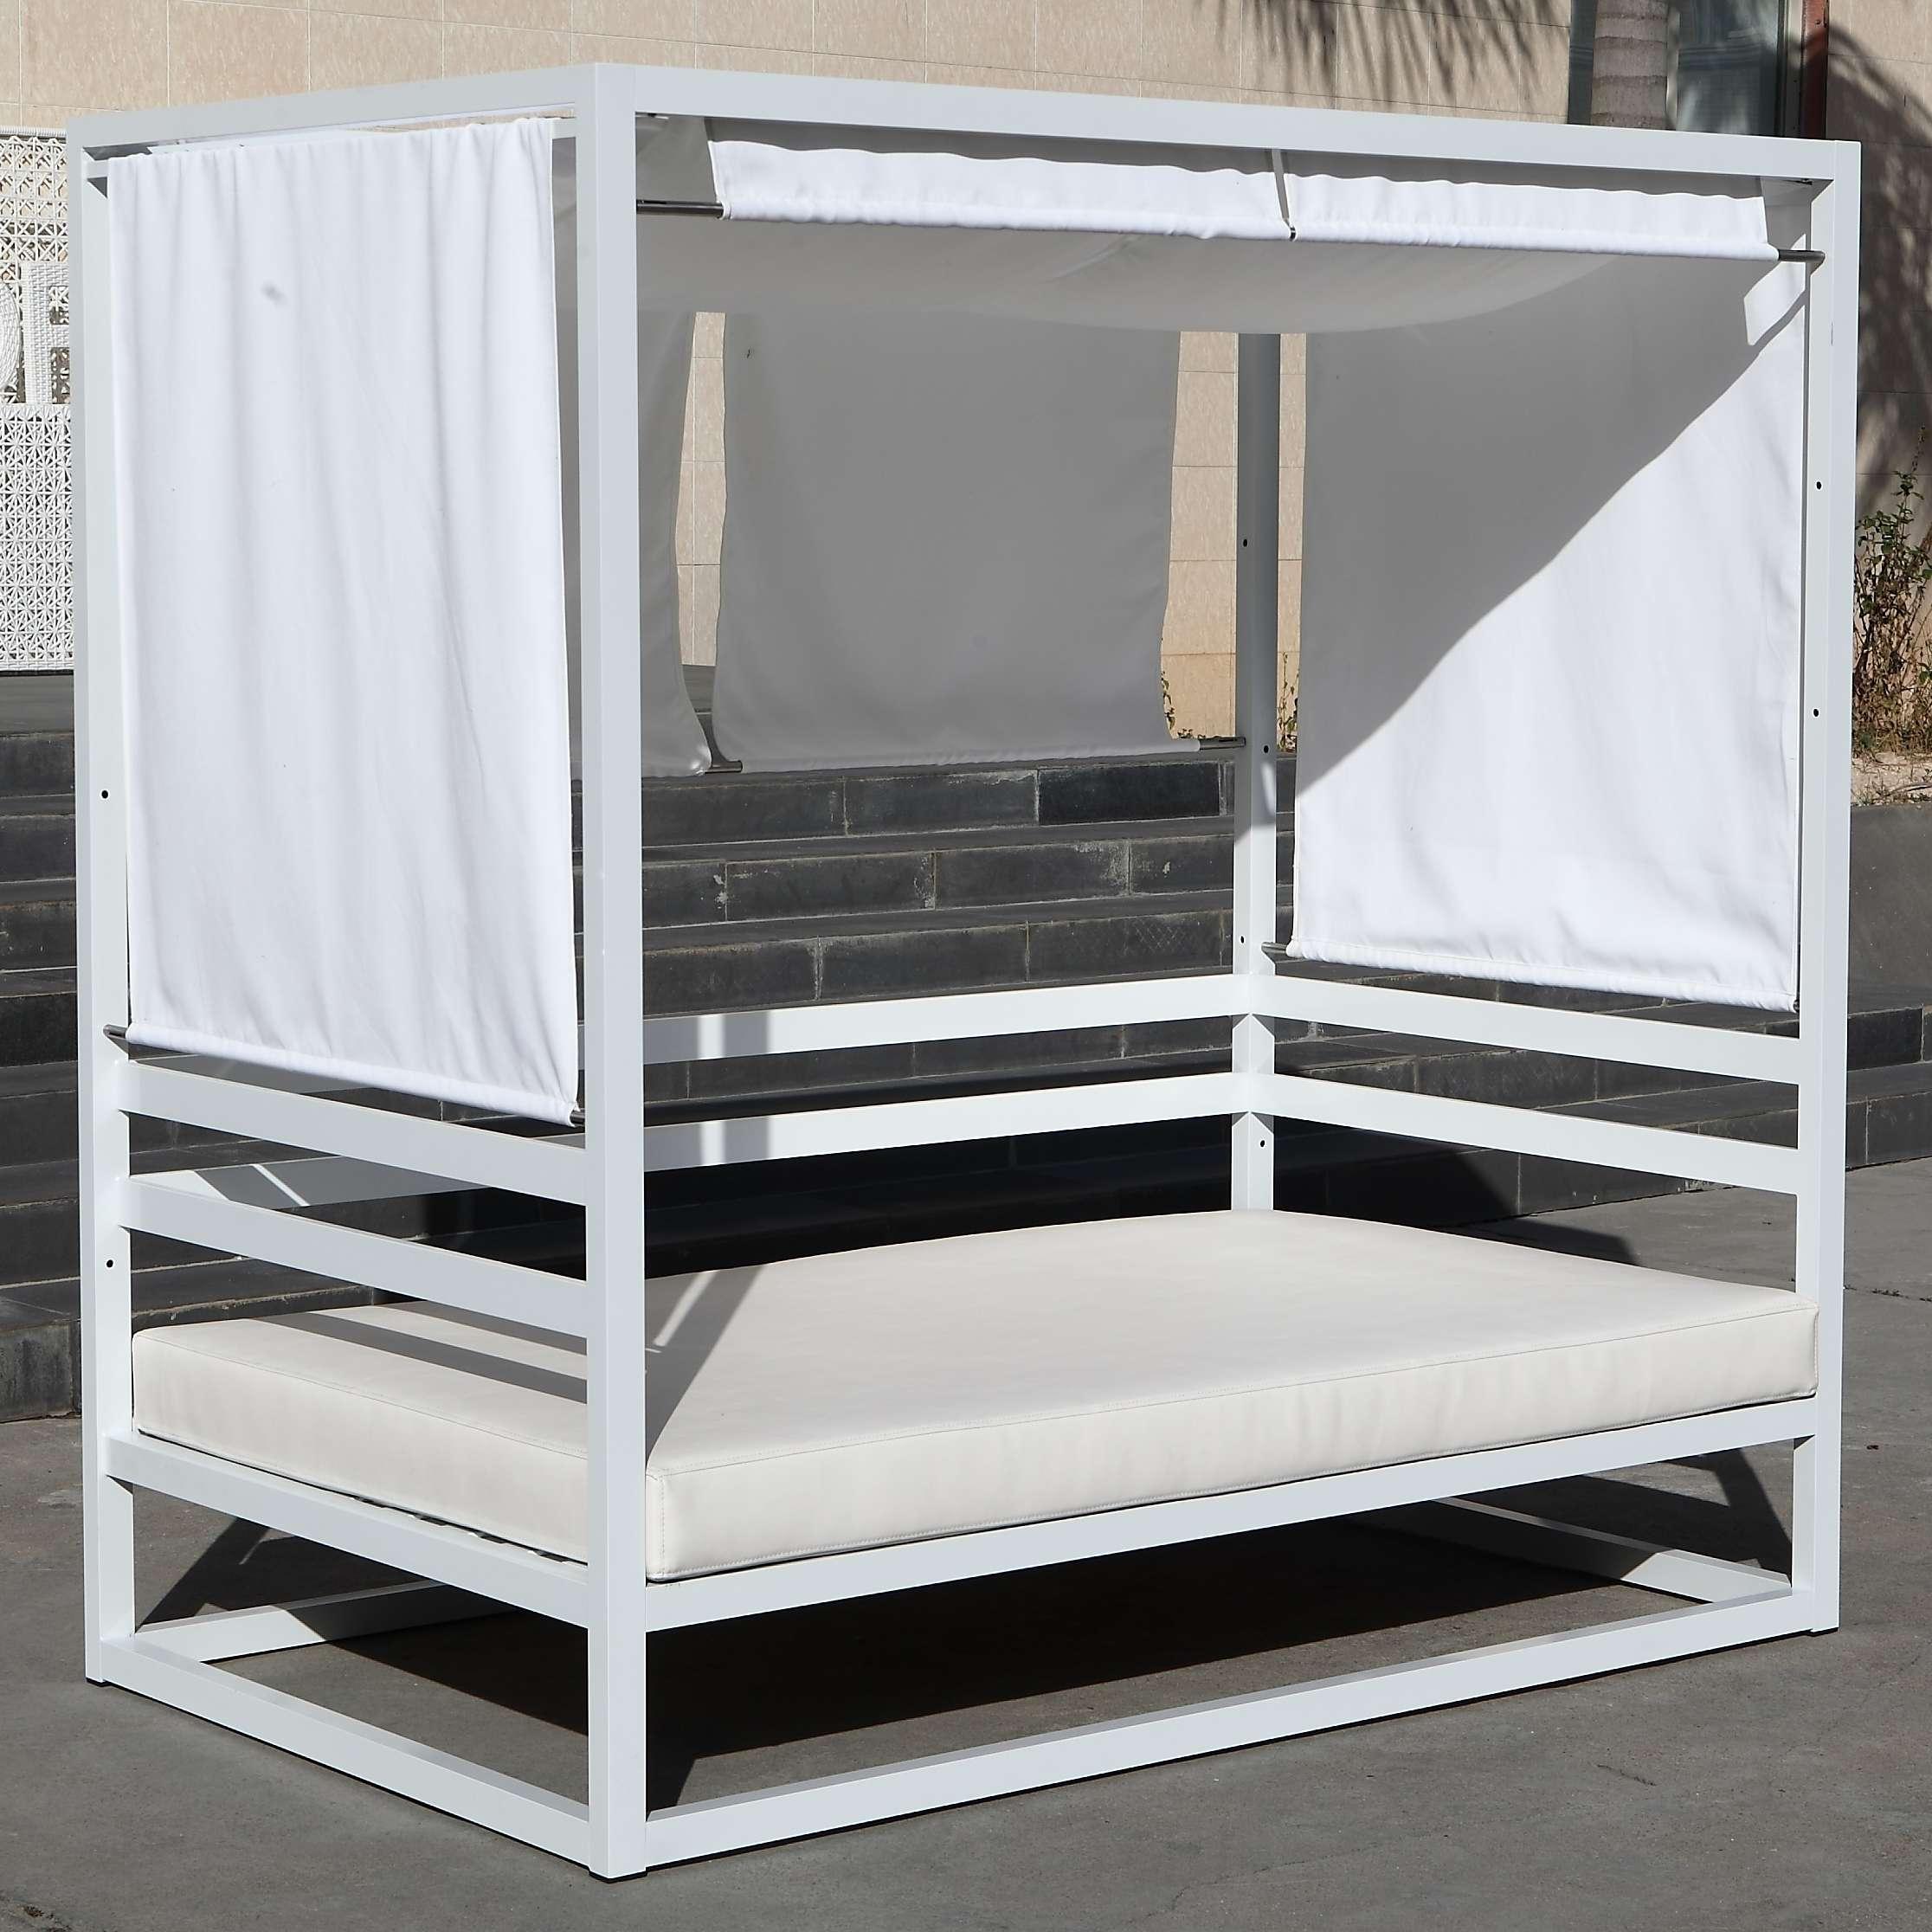 Oasi 3 greenwood mobili da giardino for Mobili da giardino pvc